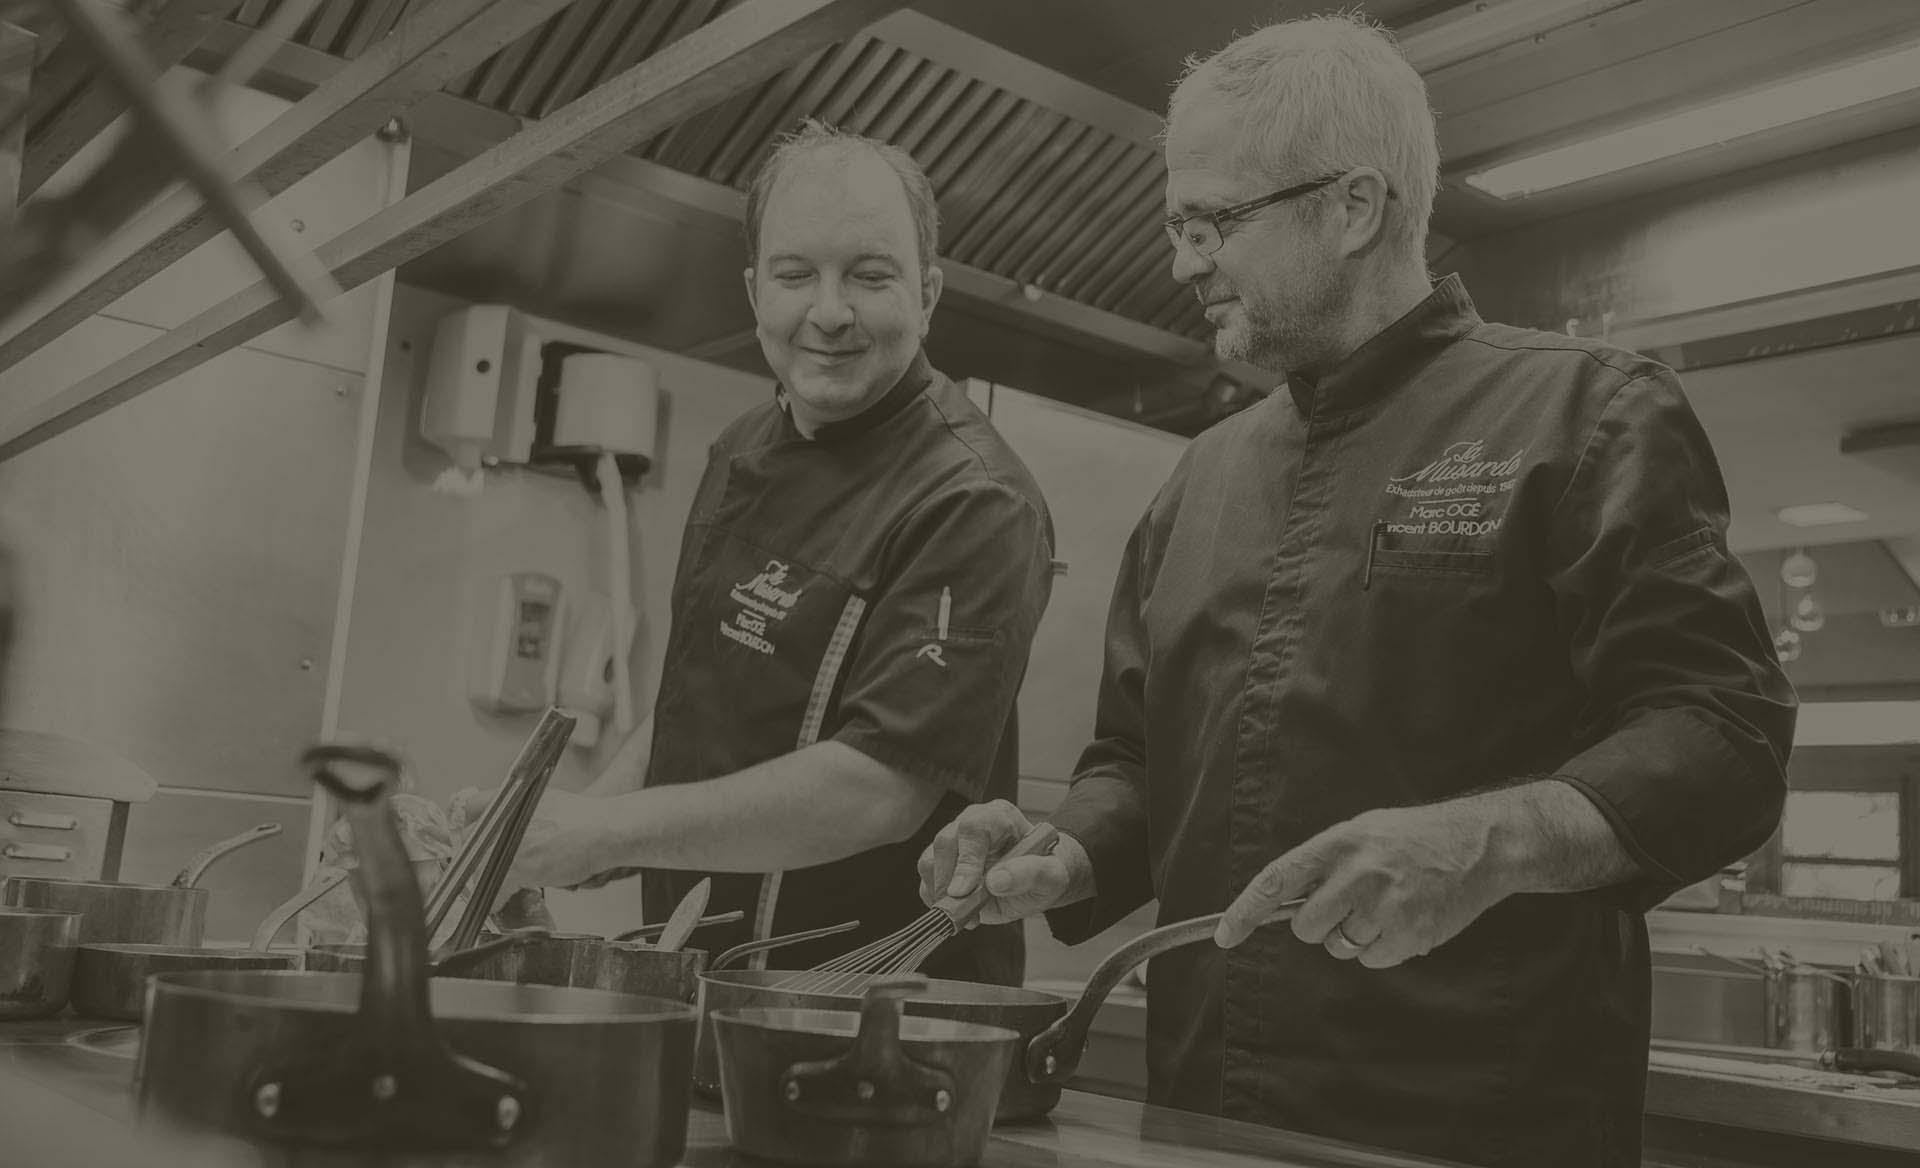 Les chefs du restaurant la Musarde en service dans la cuisine